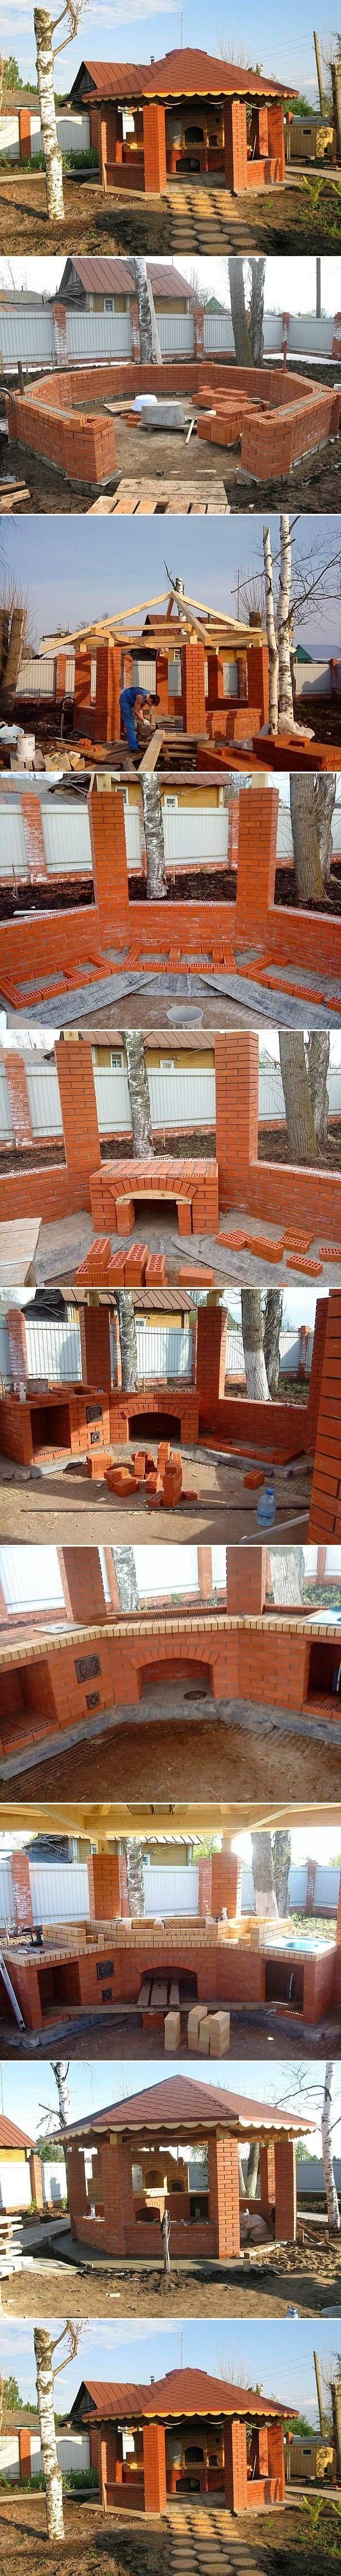 DIY беседка с мангалом Проекты DIY | UsefulDIY.com